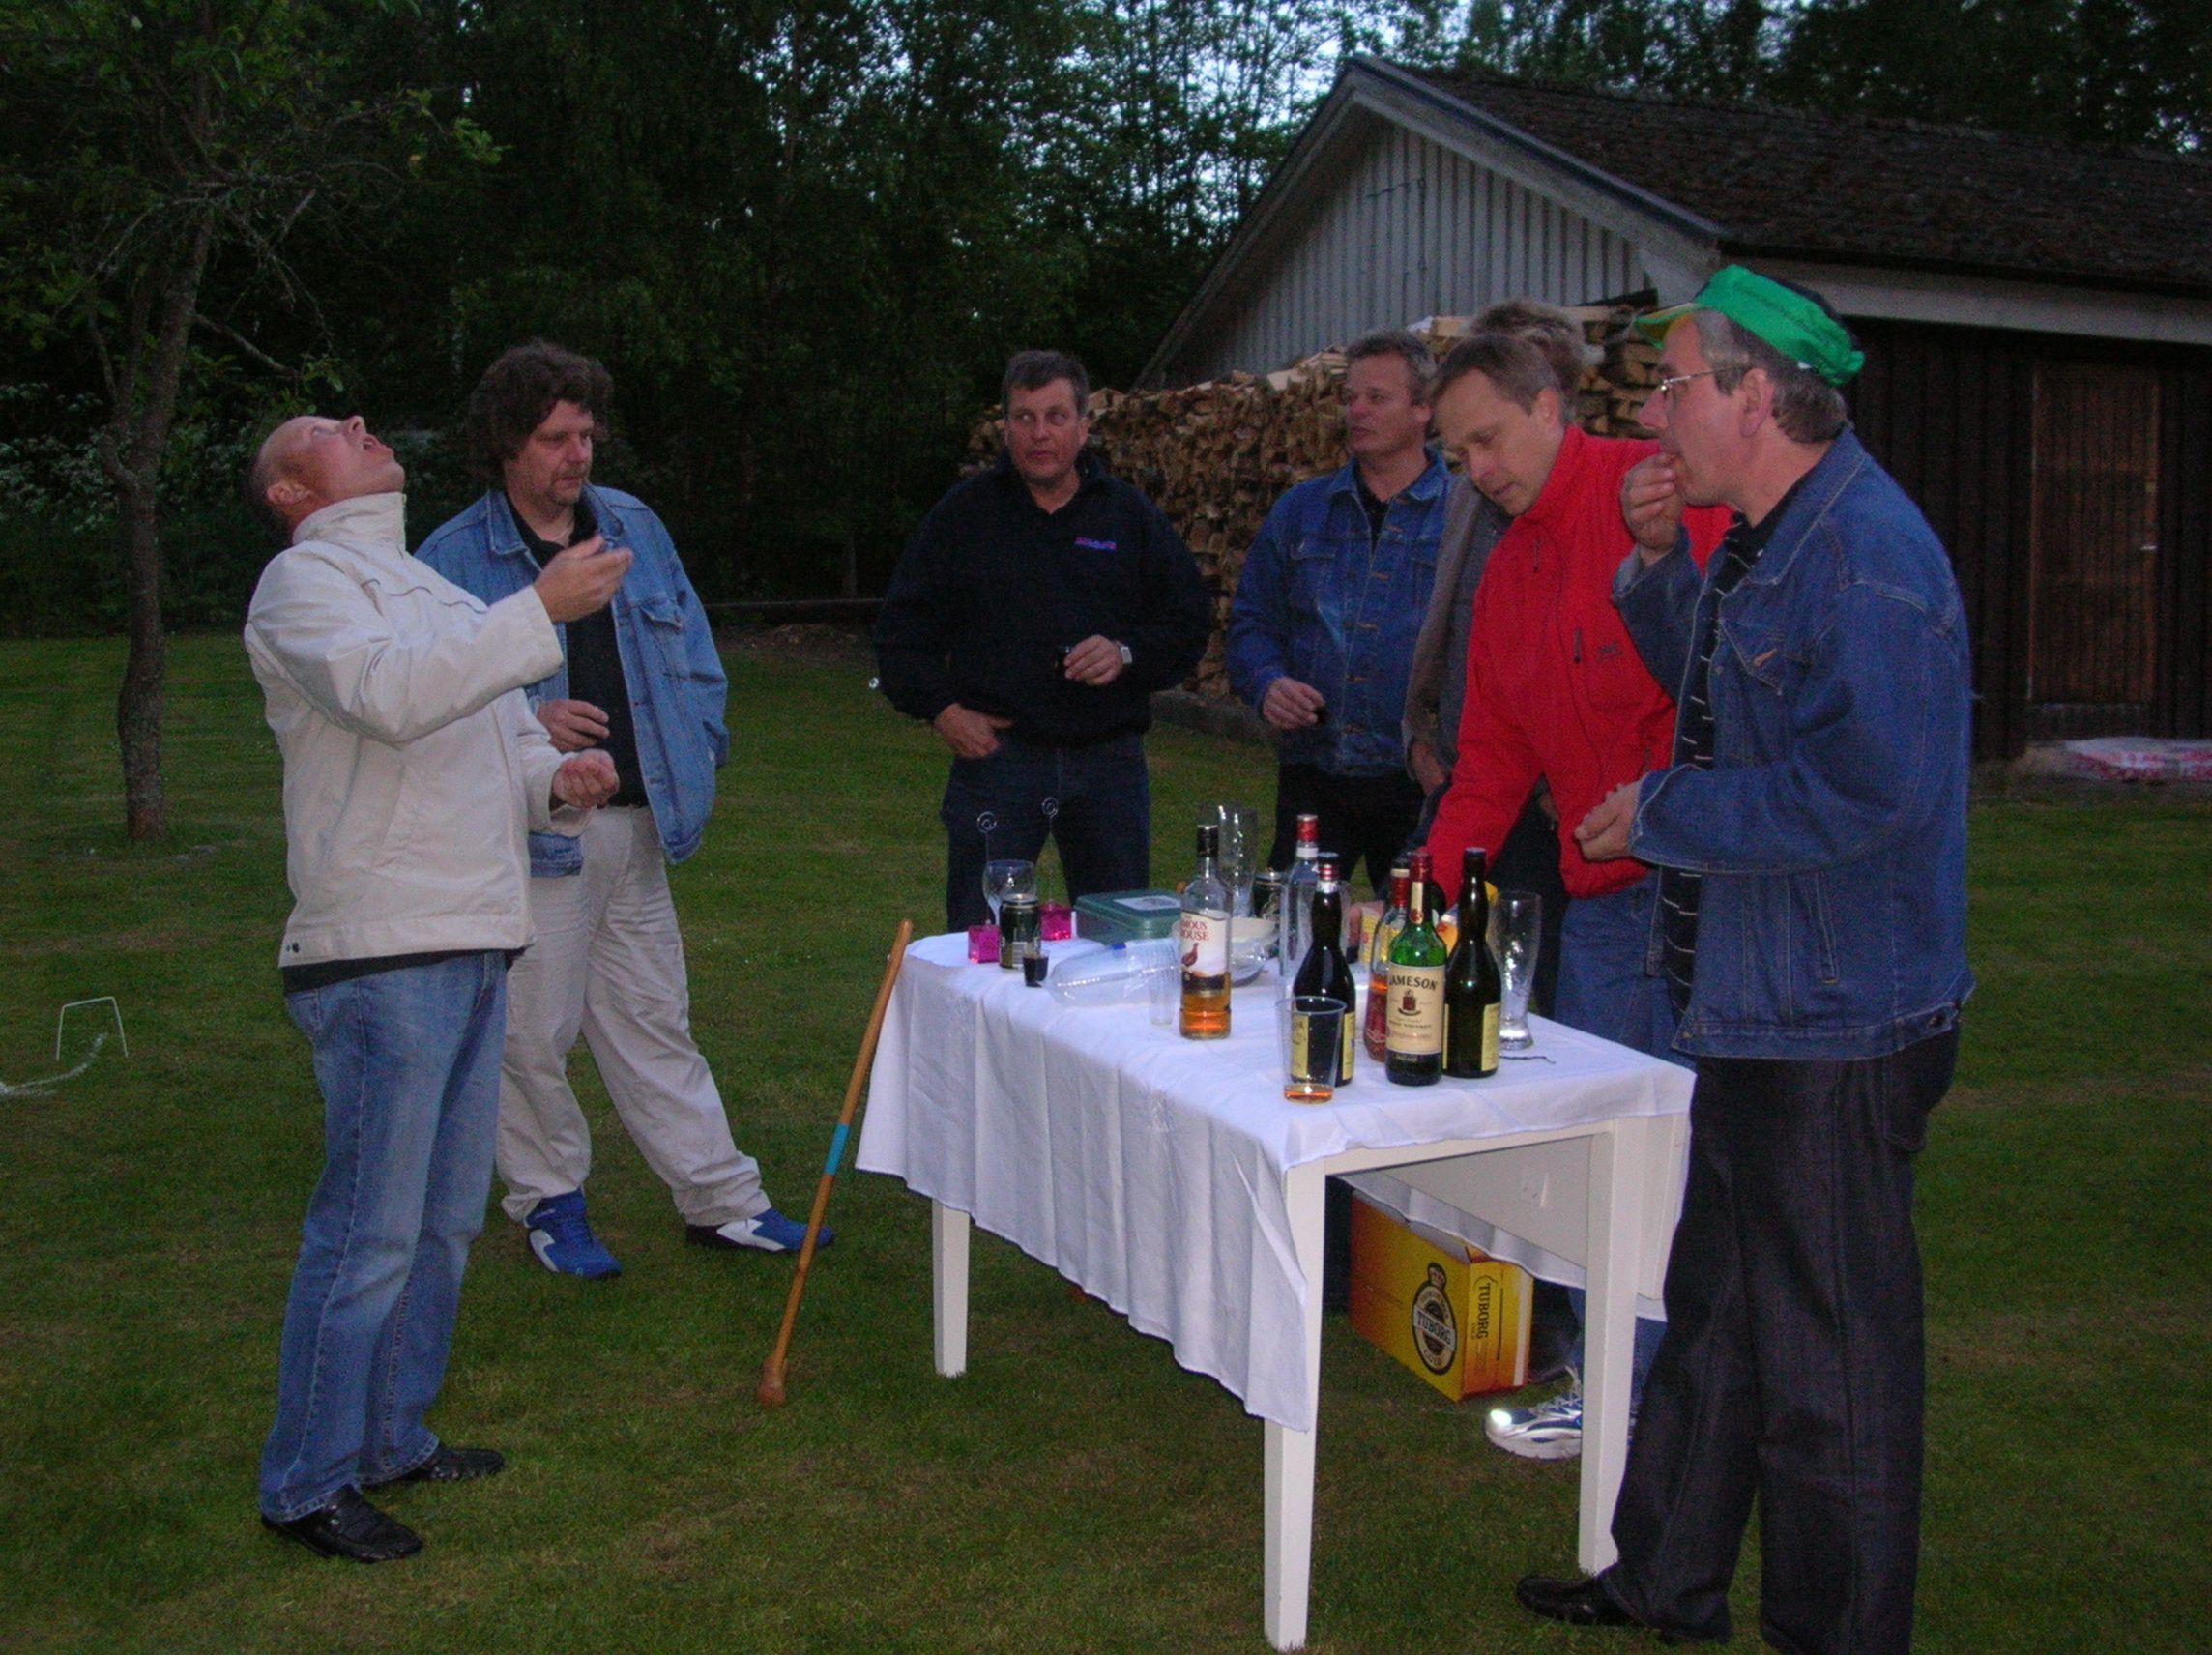 kvarnstensbockarna.se/image/bilder/2005/Möte hos Per 2005-06-11/Bild 08. Vilopaus vid baren.jpg